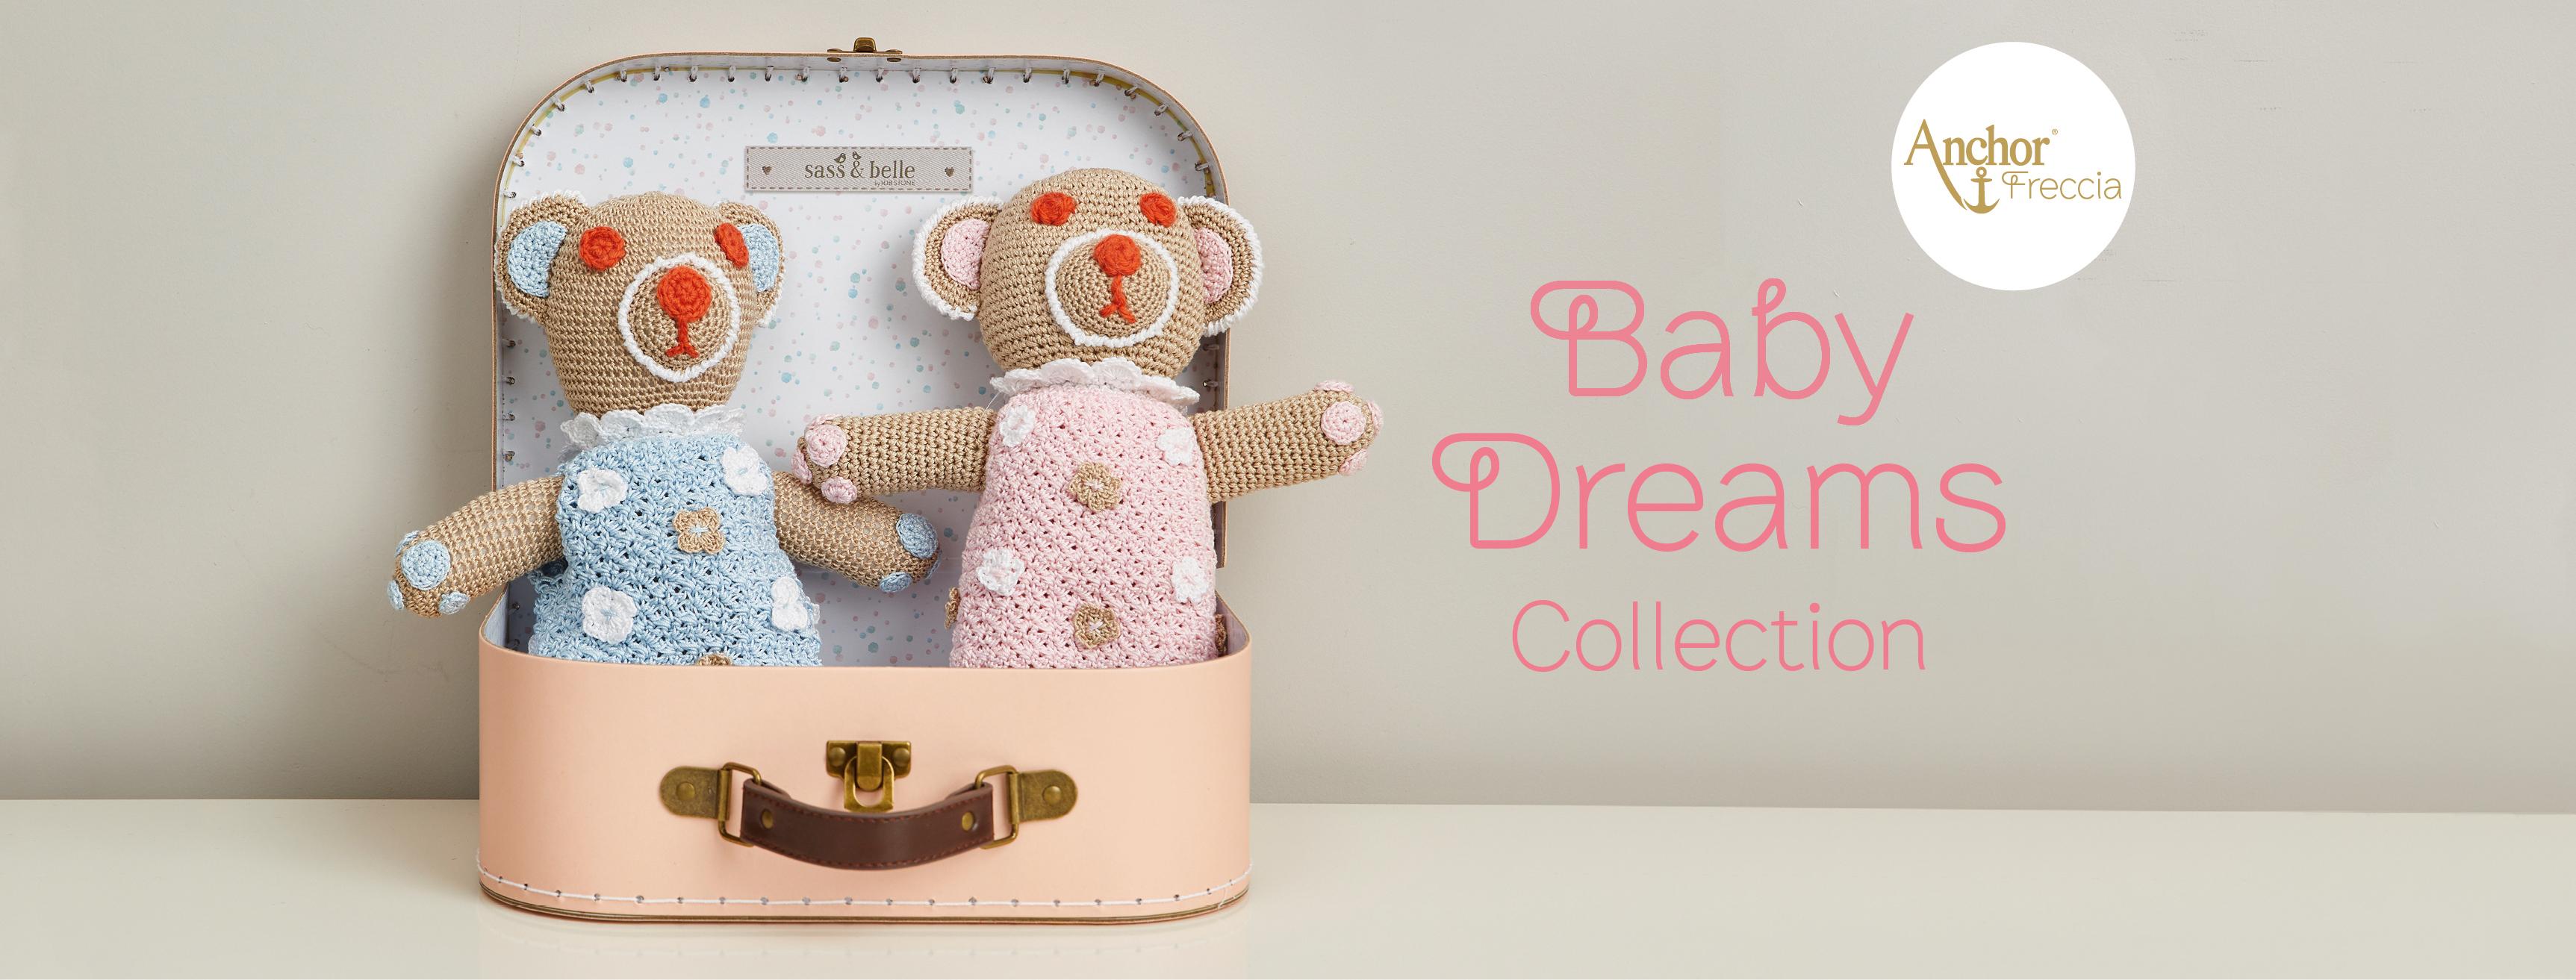 Baby dreams Freccia